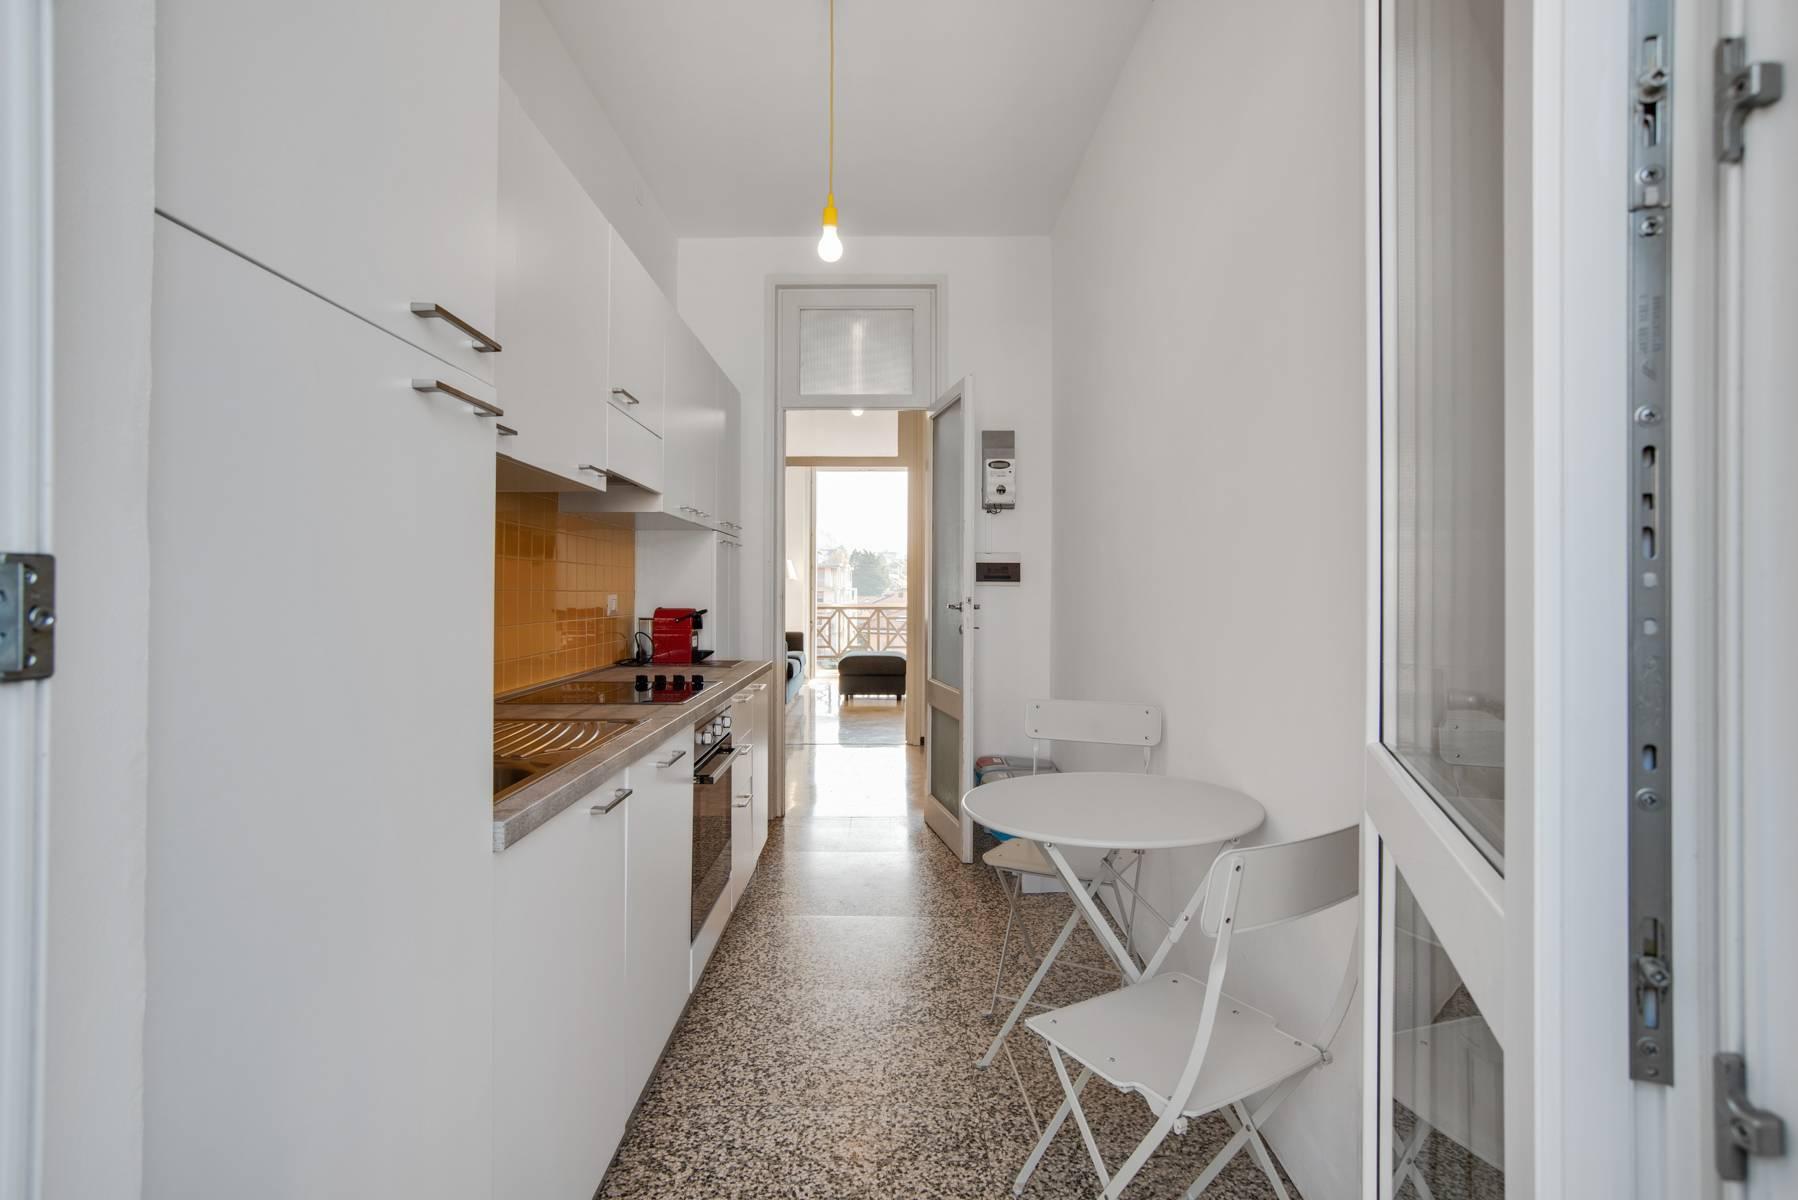 Appartamento in Affitto a Como: 3 locali, 80 mq - Foto 5